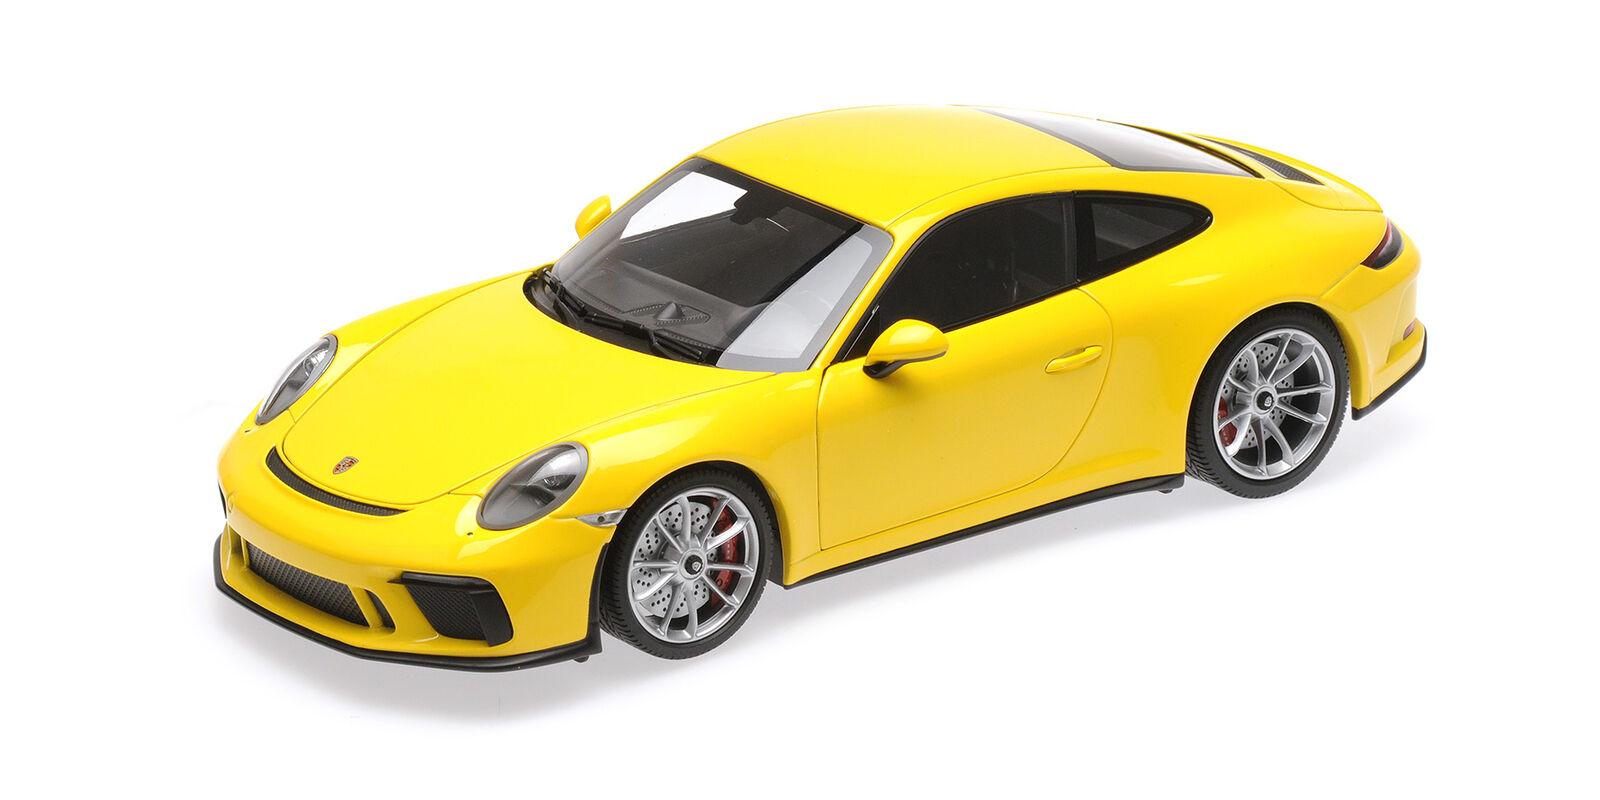 Porsche 911 Gt3 Touring Yellow 2018 MINICHAMPS 1 18 110067422 Model